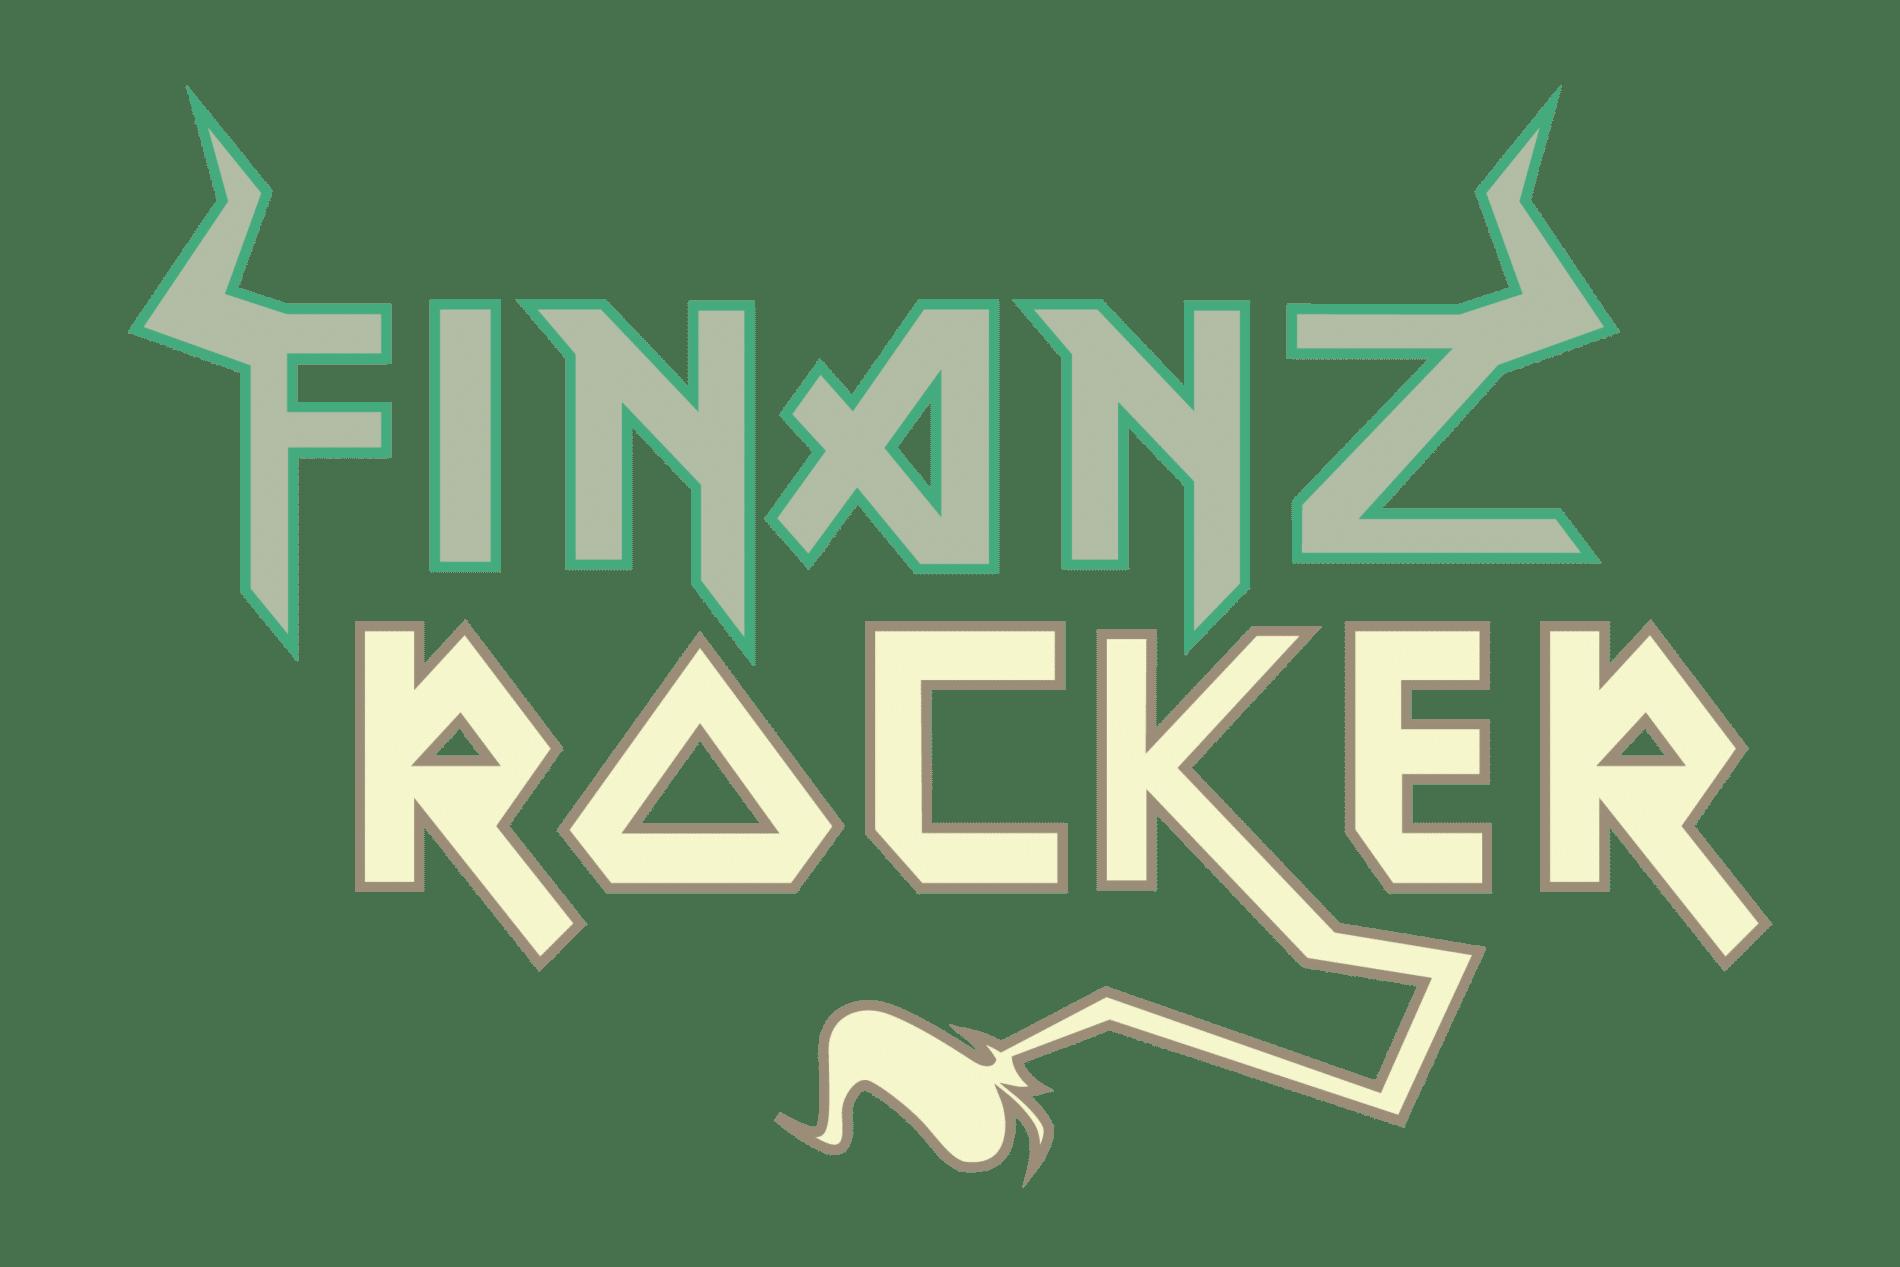 Finanzinhalte 5: Finanzrocker Podcast